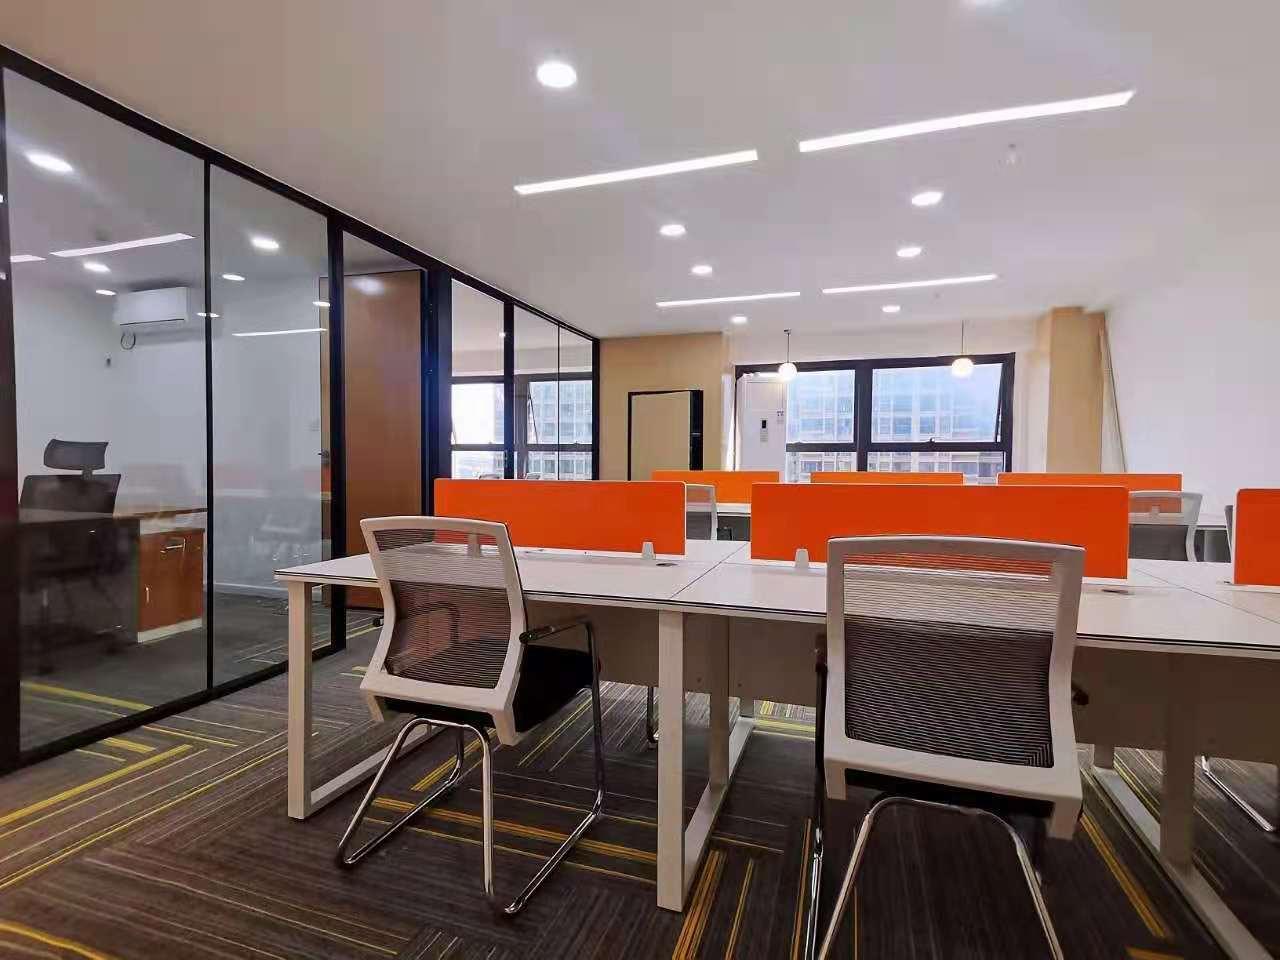 领地锦巷兰台 120平米 居家办公  创业 首选 2隔间12工位